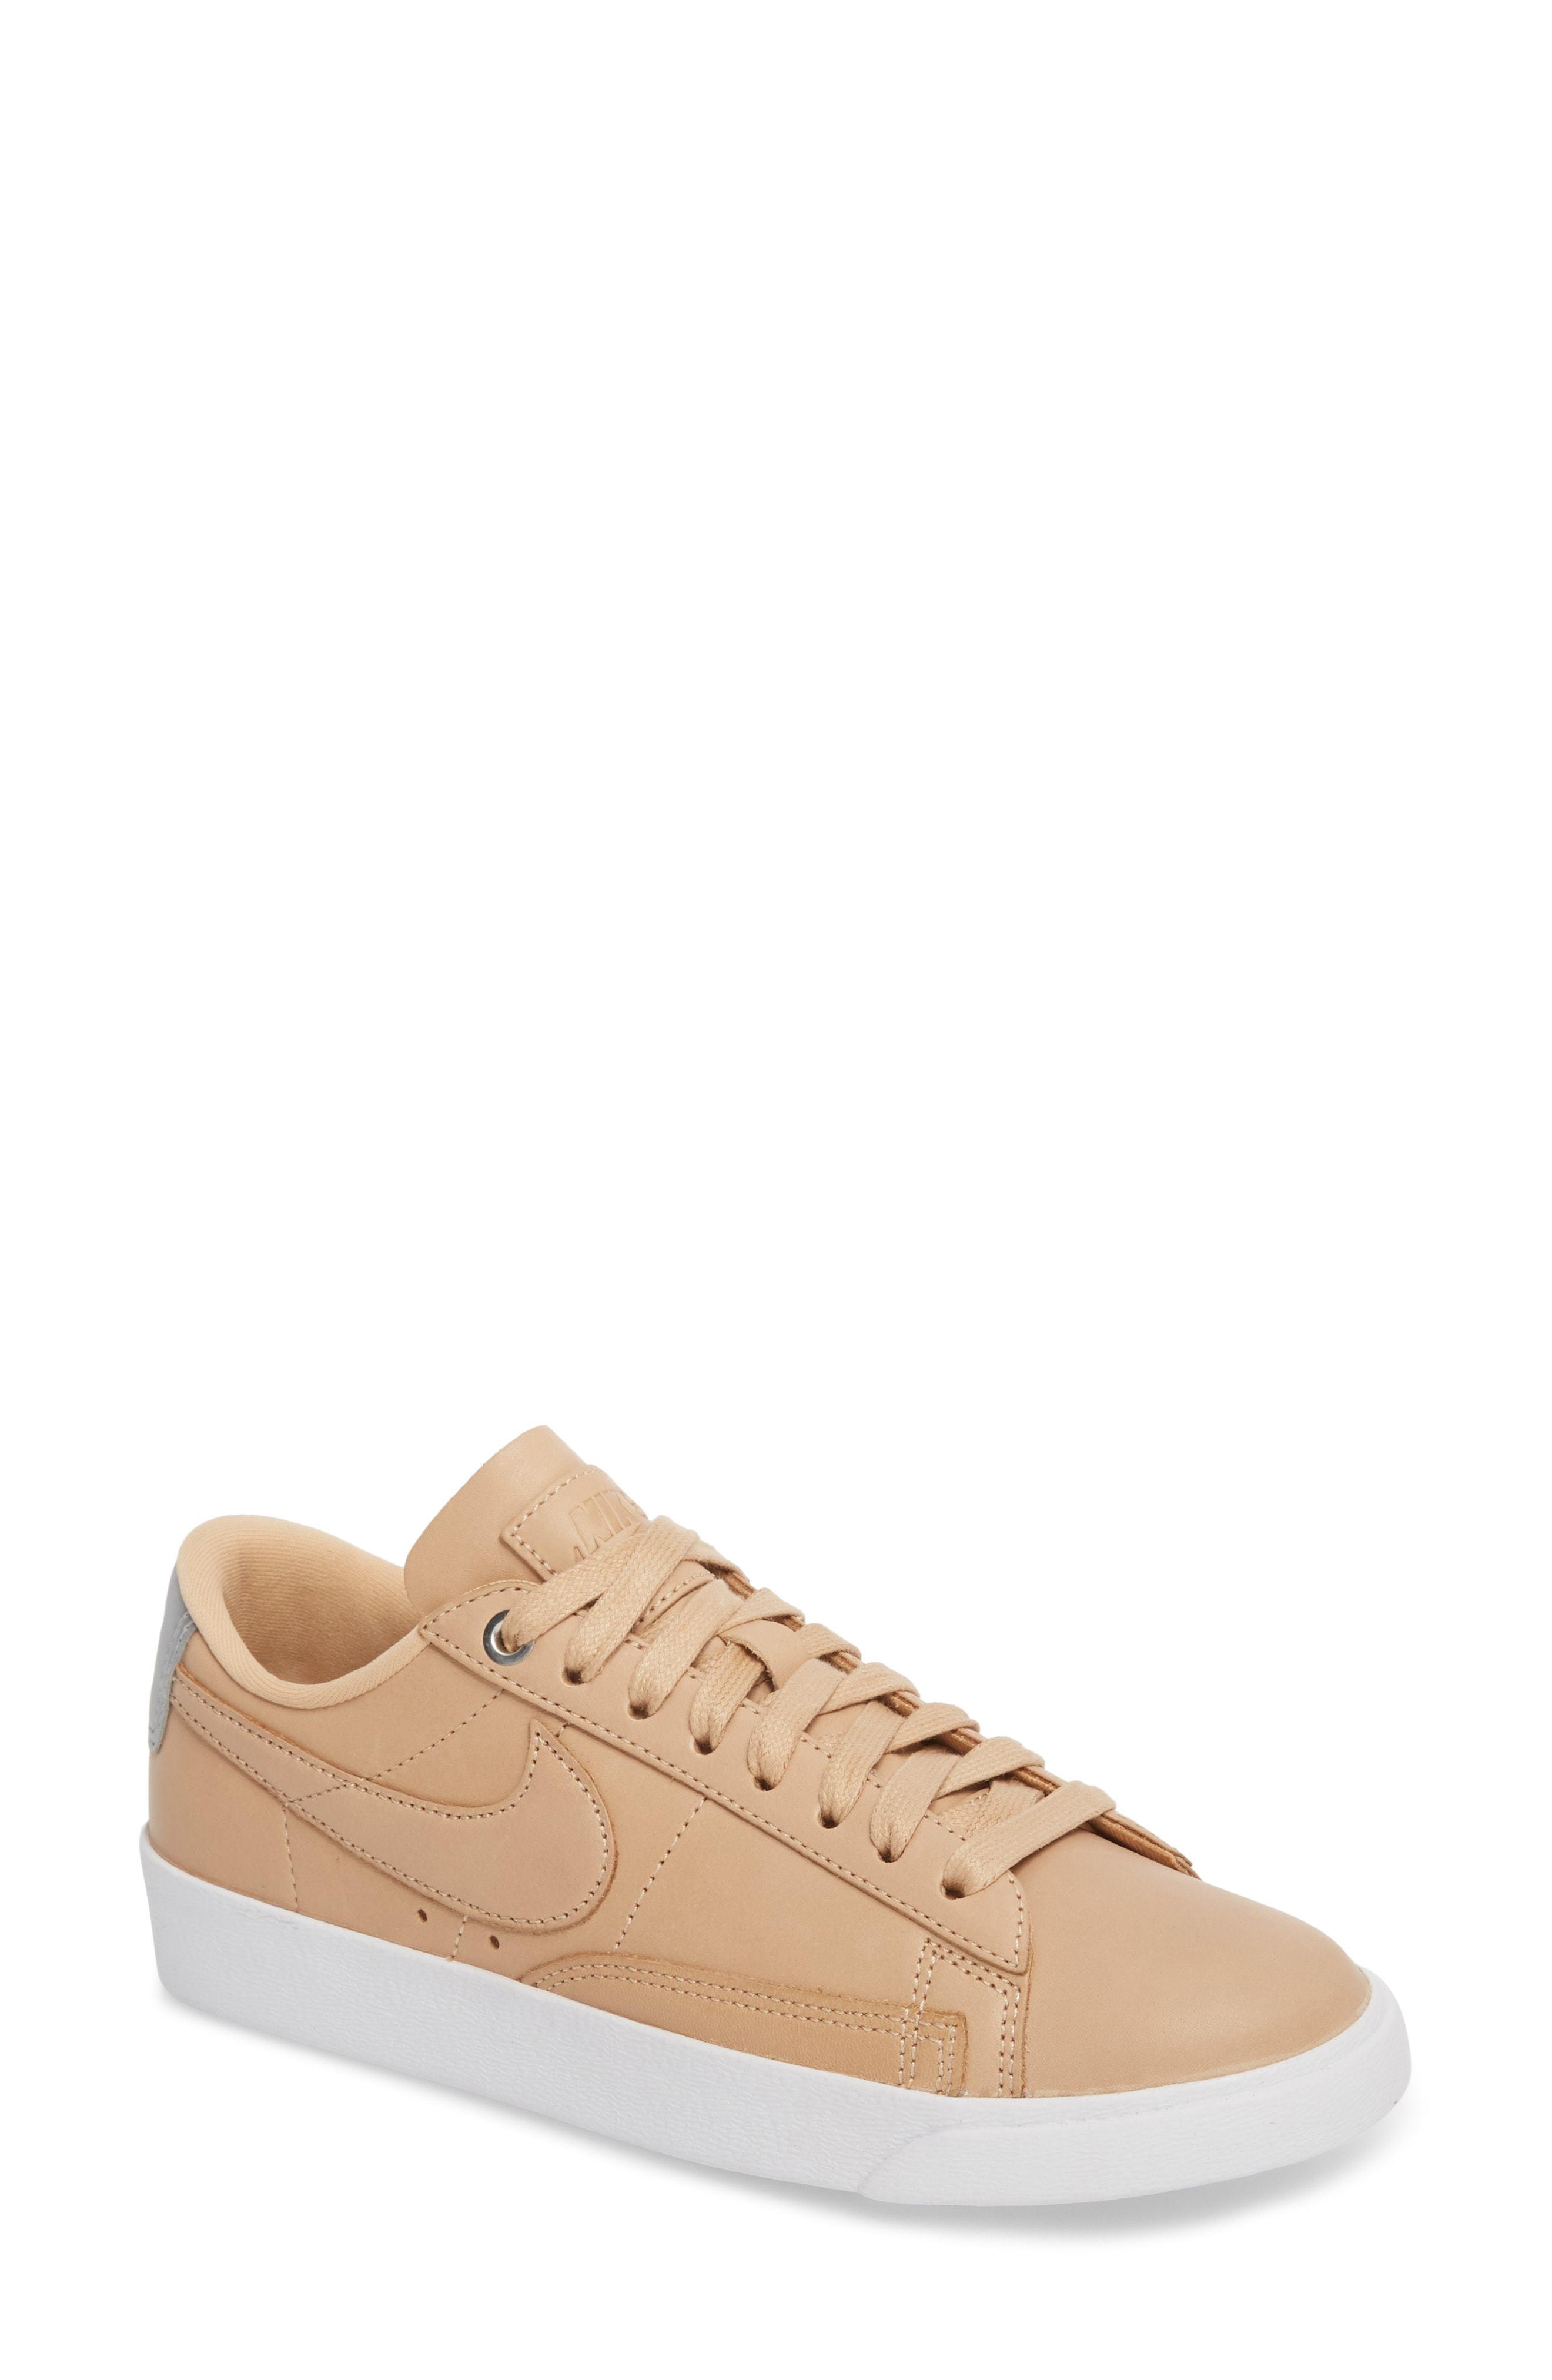 Nike Blazer Low Top Sneaker Se, $56